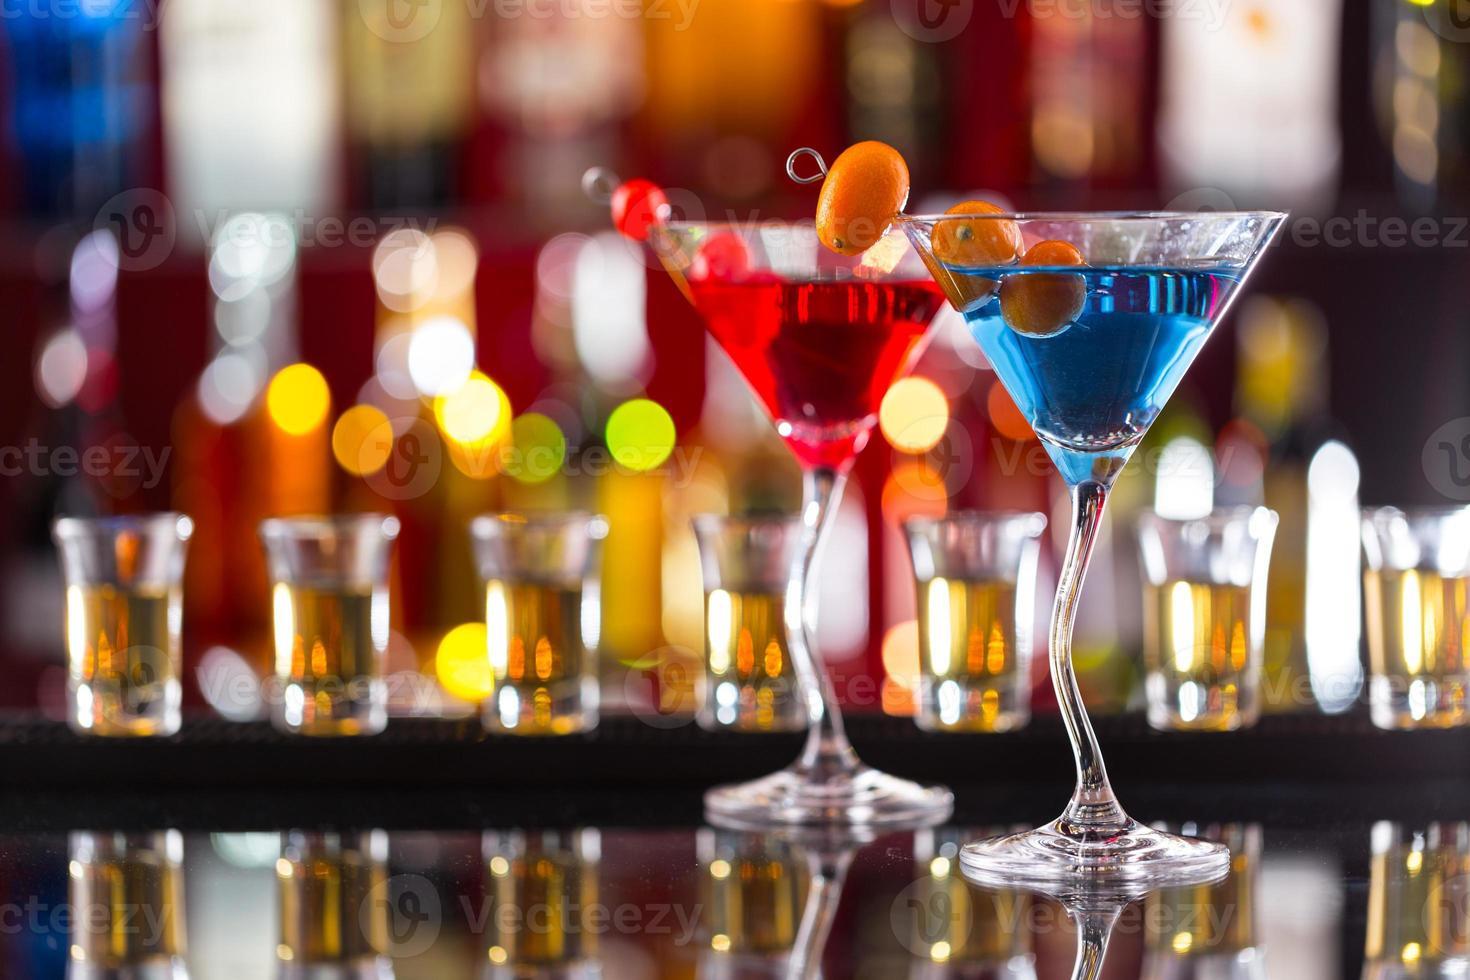 martini-drycker serveras i bardisken foto